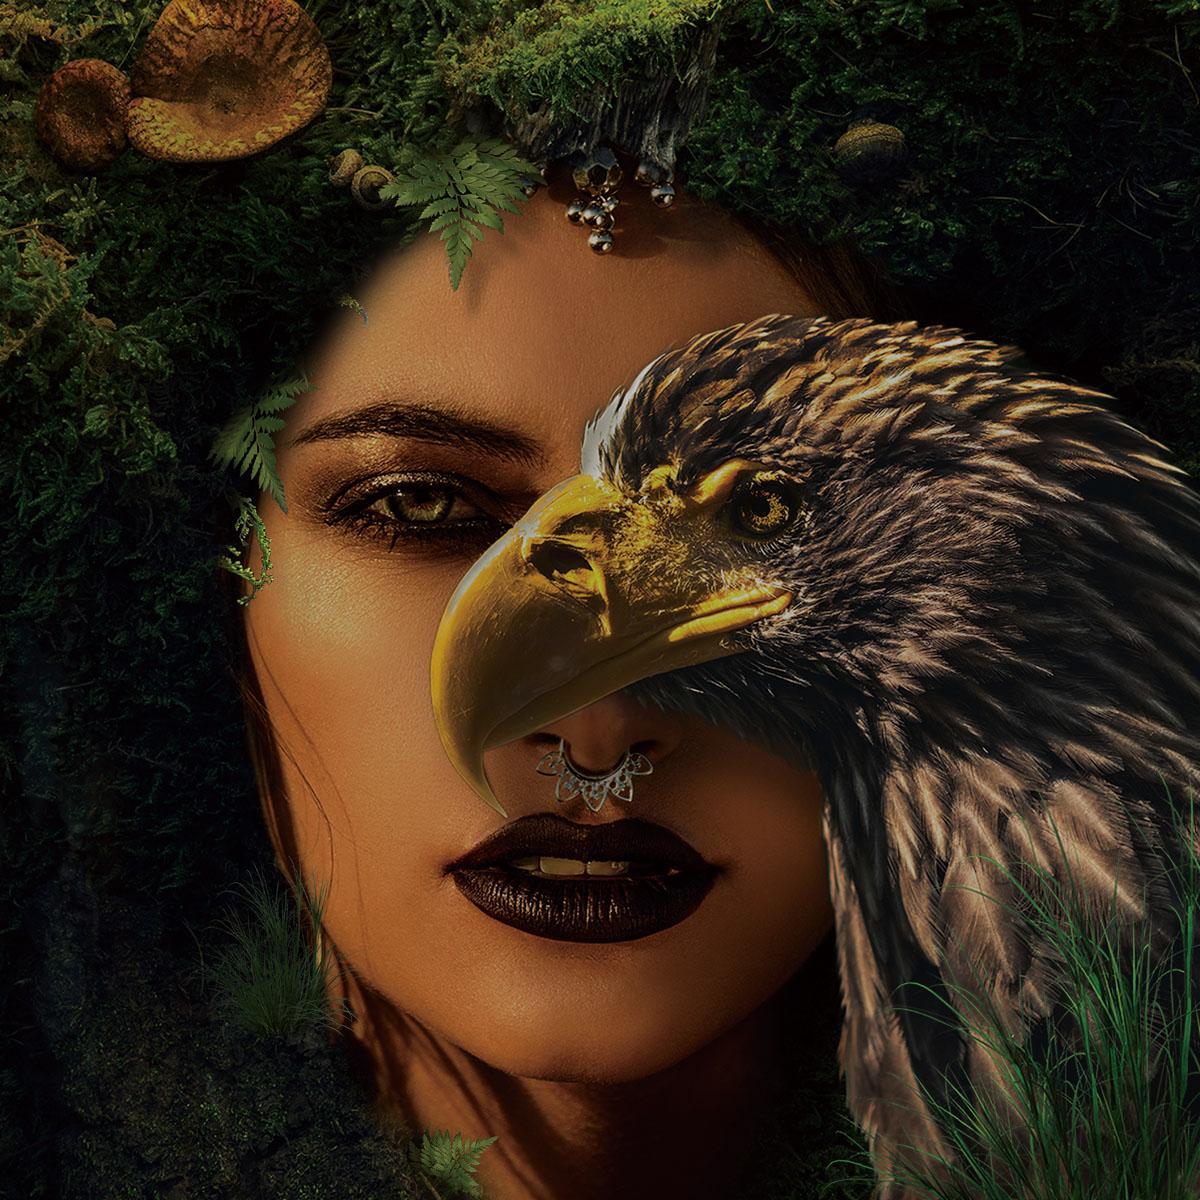 Foto op glas 'Eagle Eye'